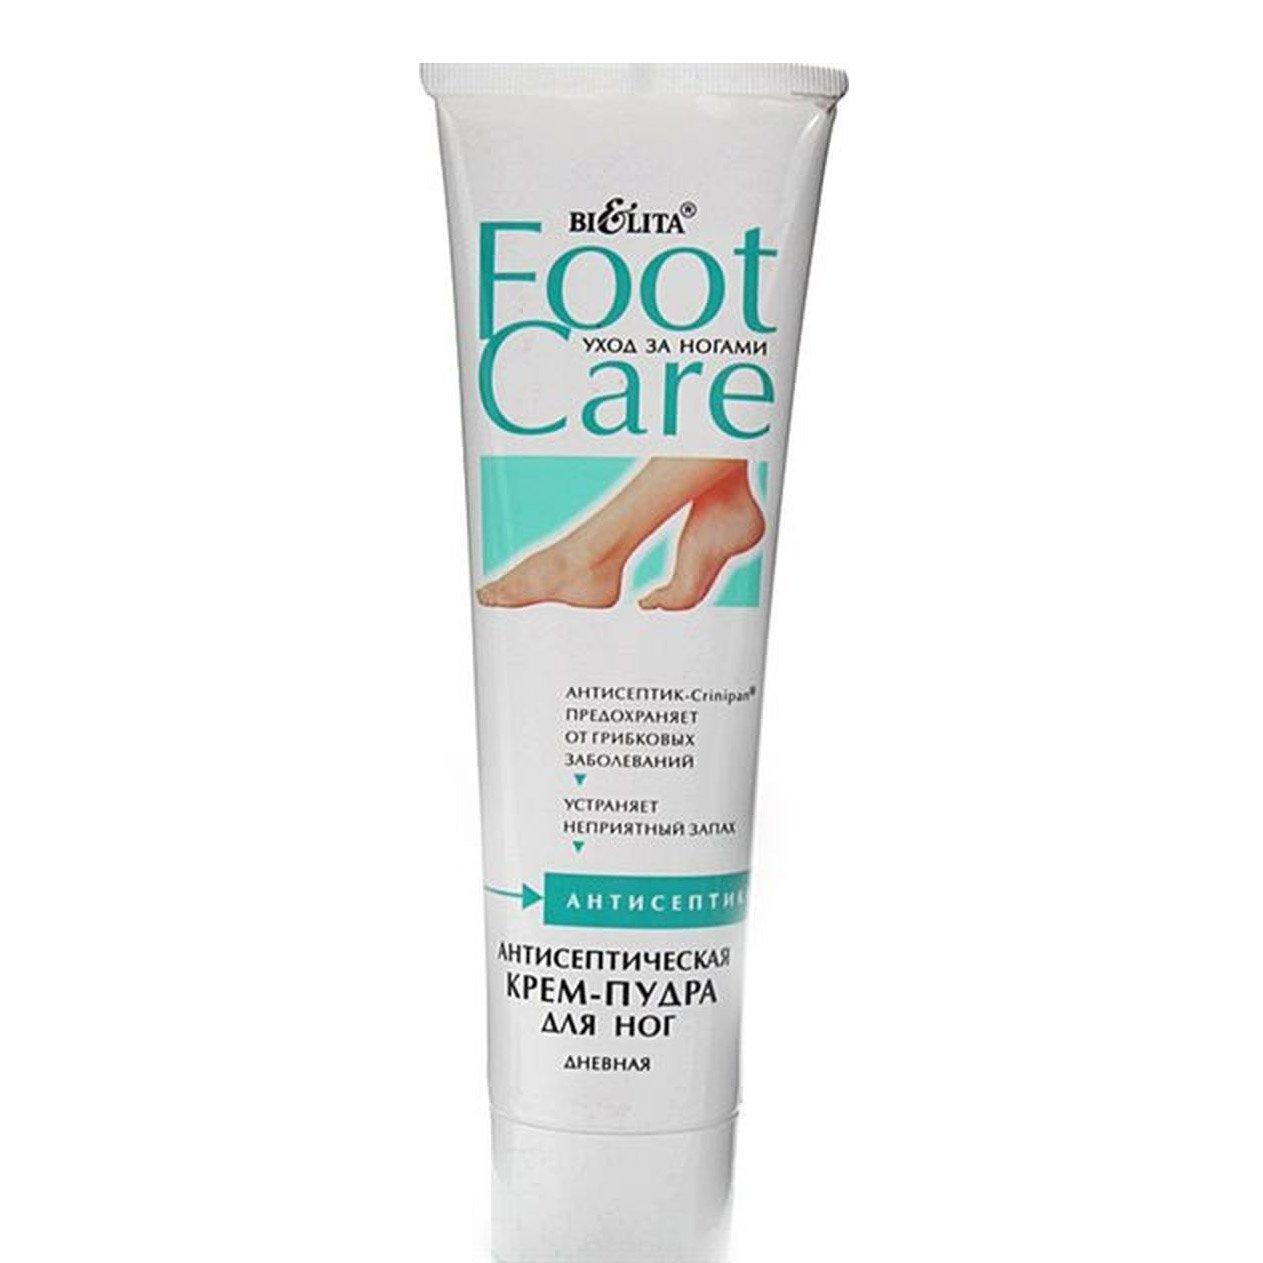 Белита Крем-пудра антисептическая для ног дневная с эфирными маслами